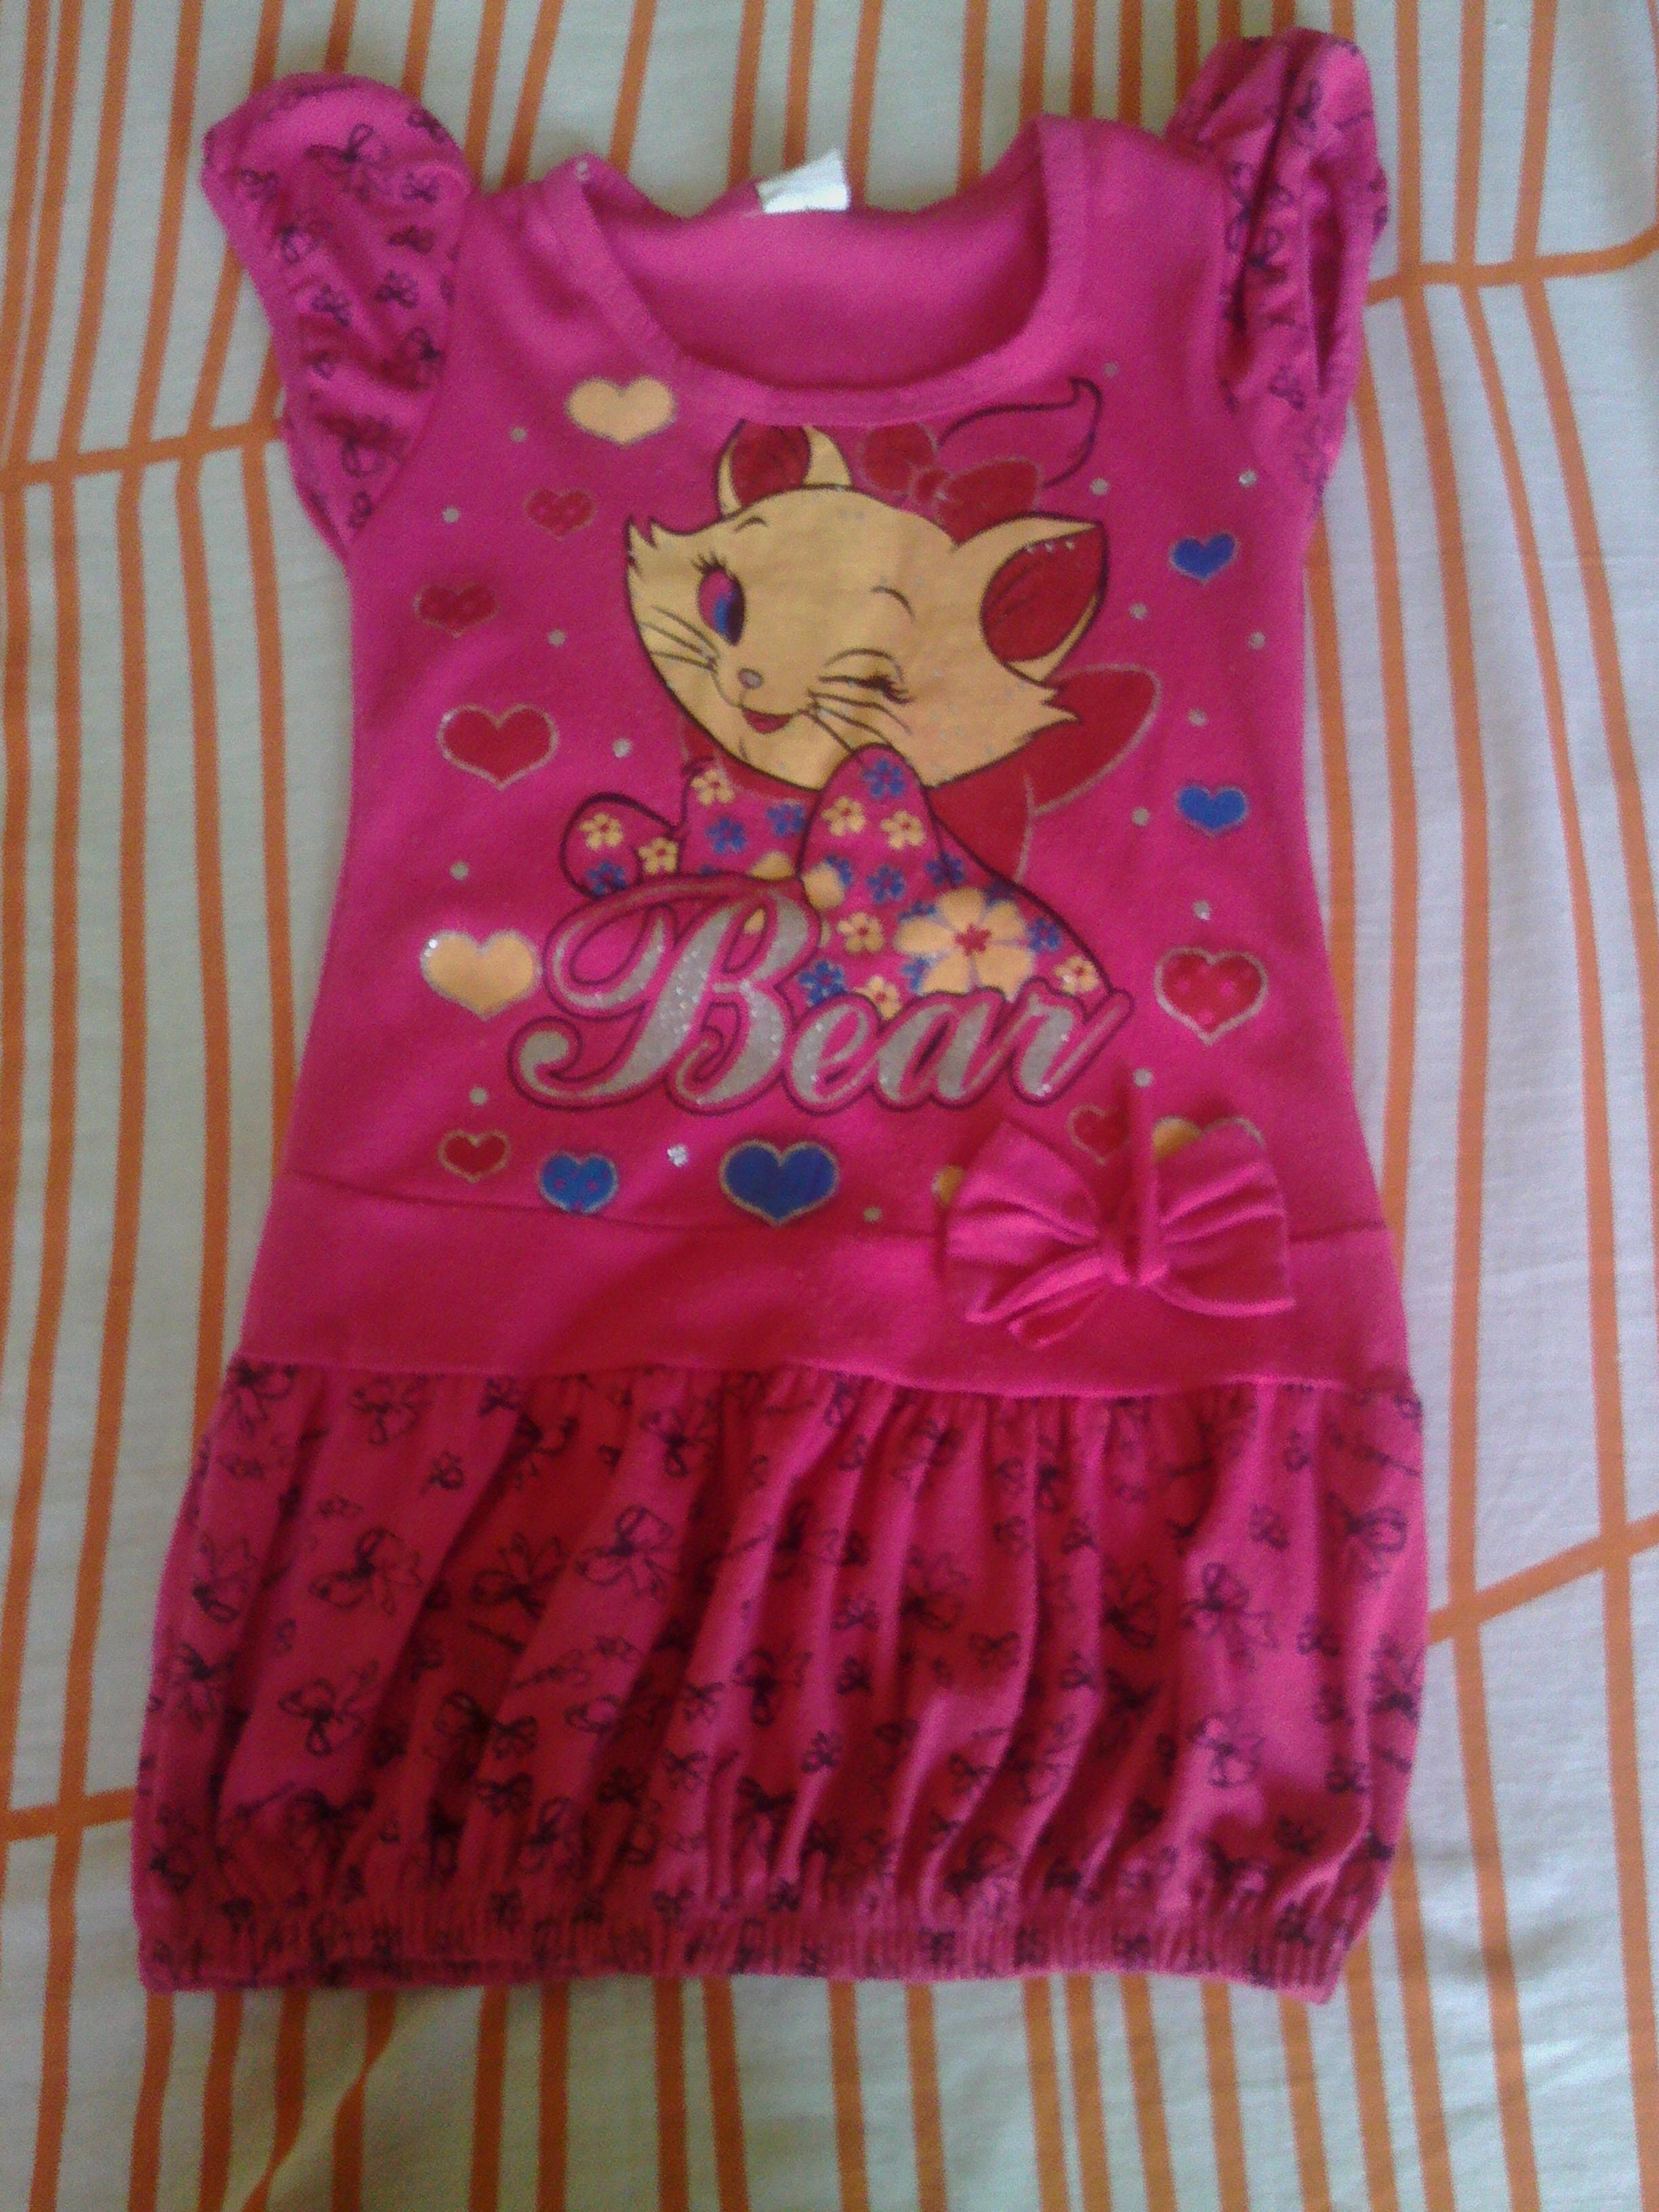 Продам детскую одежду на девочку 3-5 лет (платье, купальник, обувь летняя, осенняя, зимняя, зимний костюм). Цены от 50р